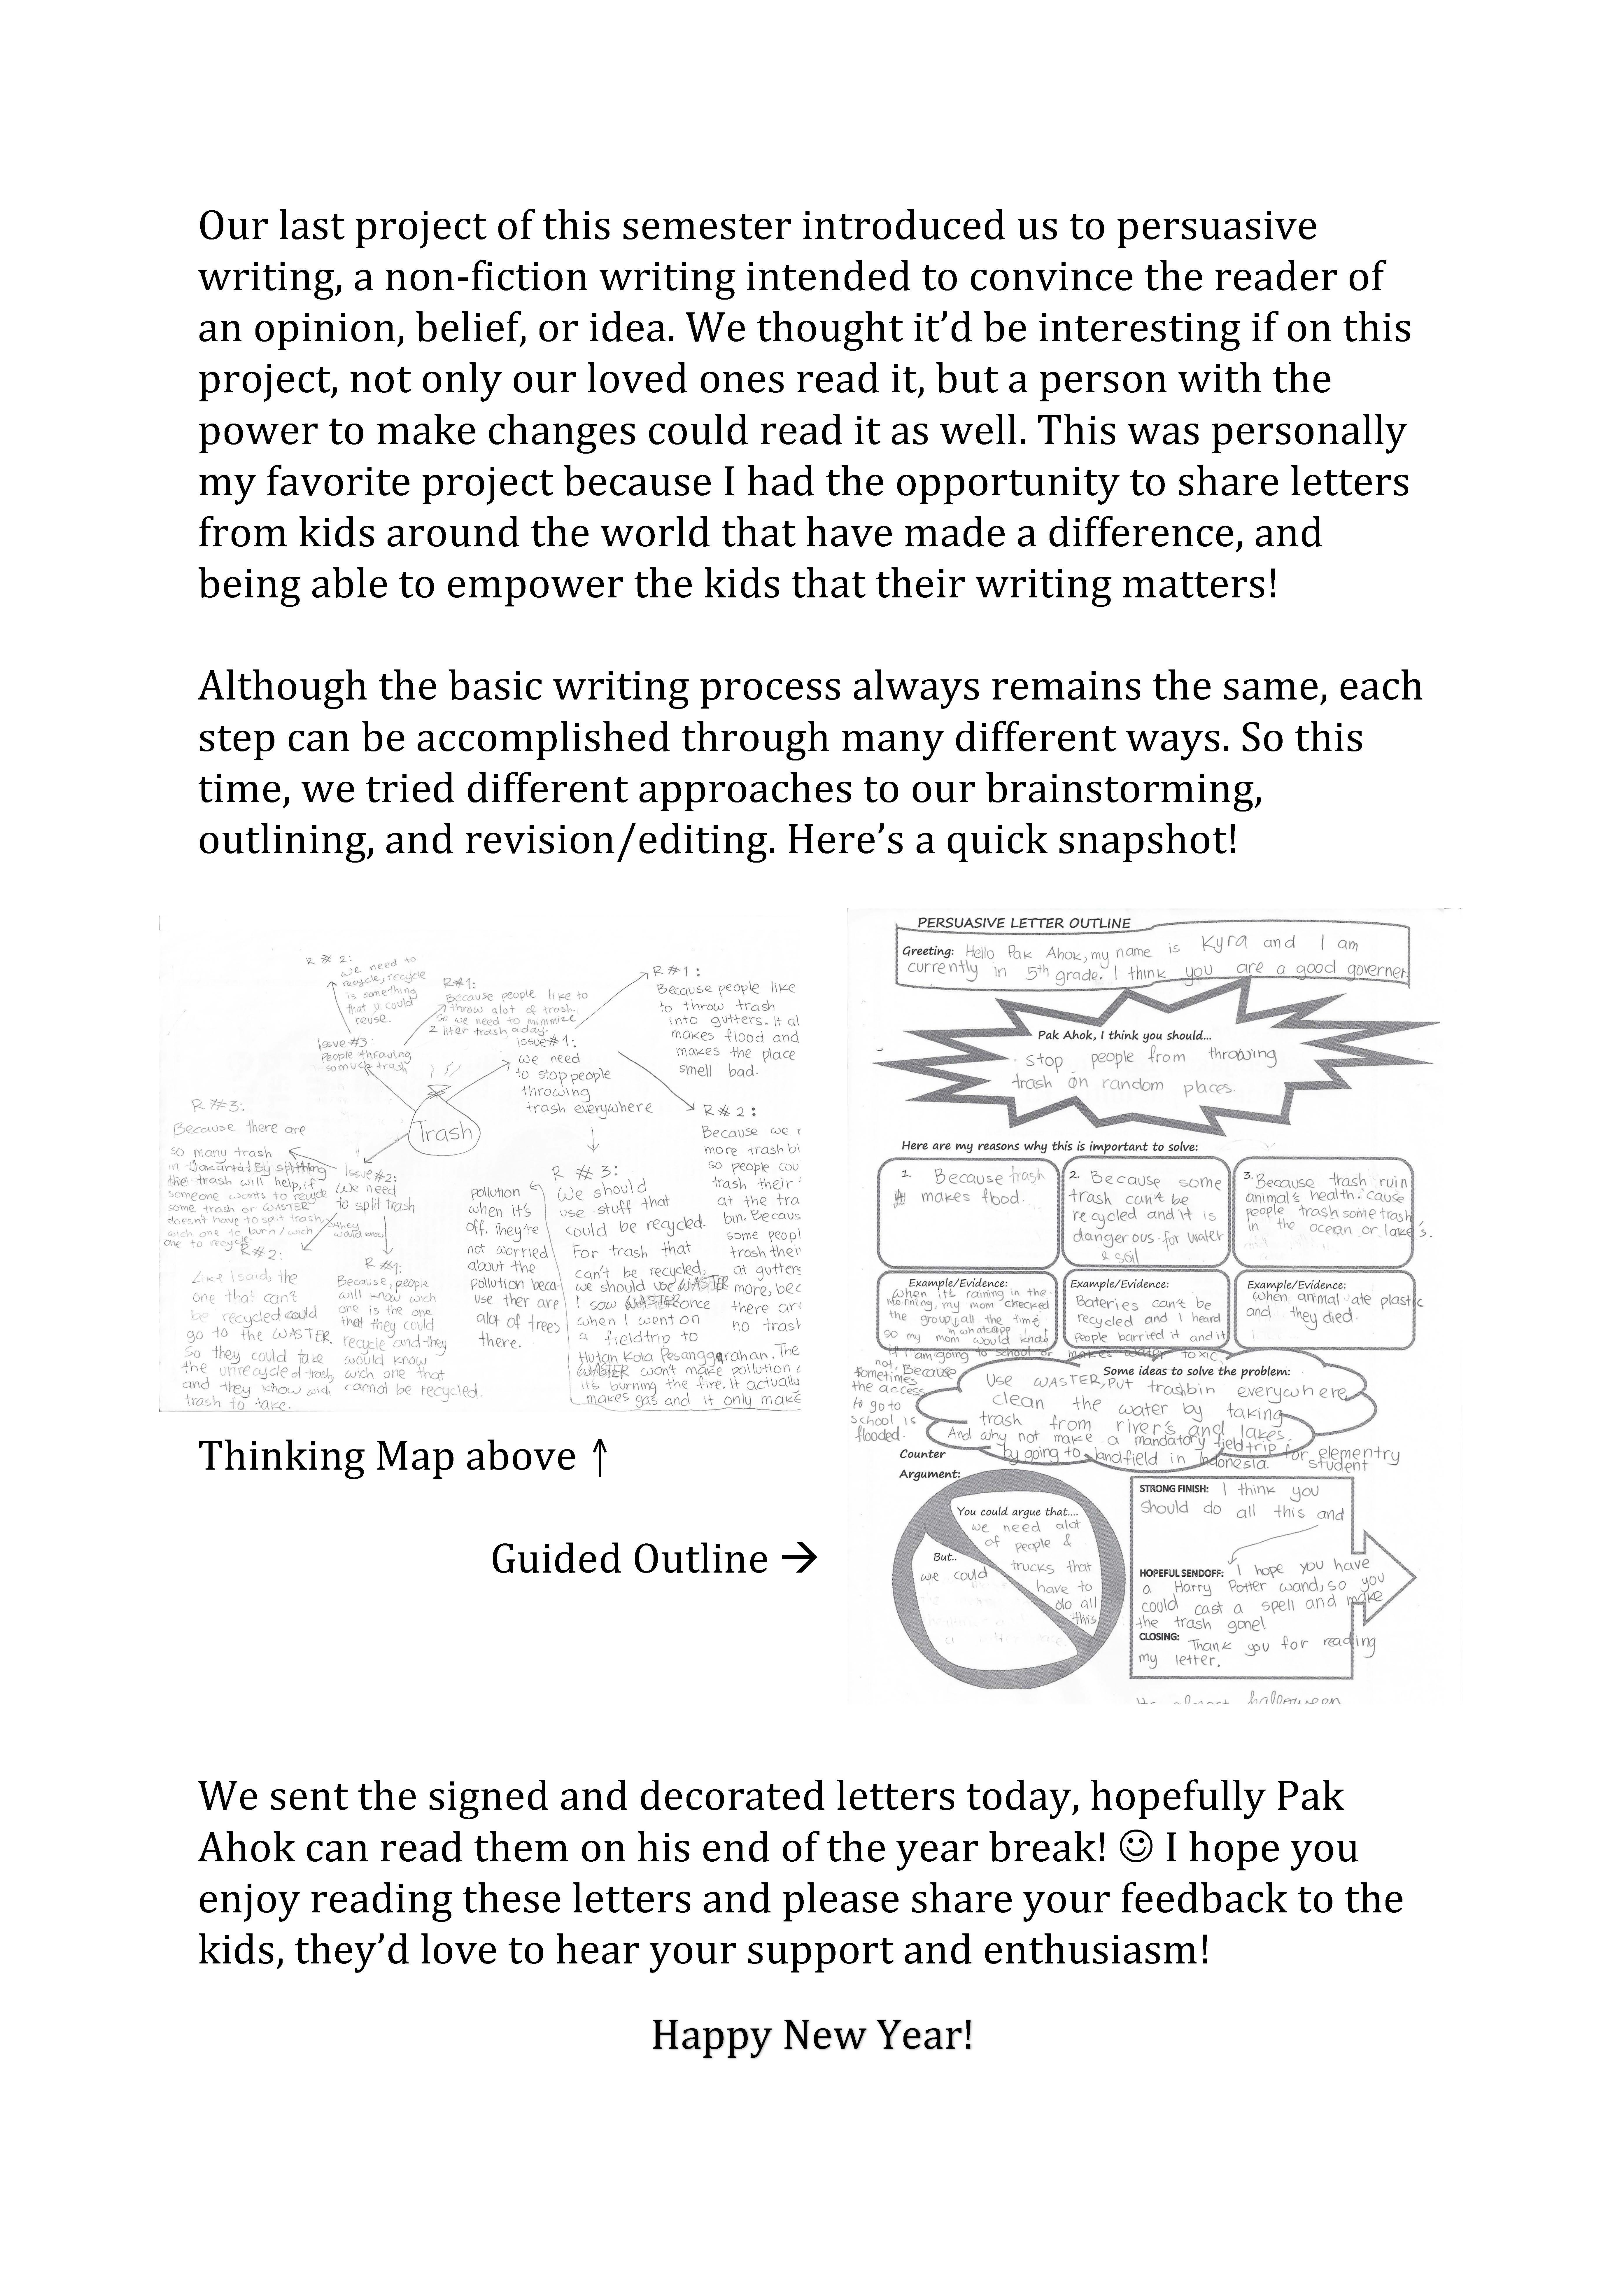 3-Persuasive Letters Dec 2015_Page_02